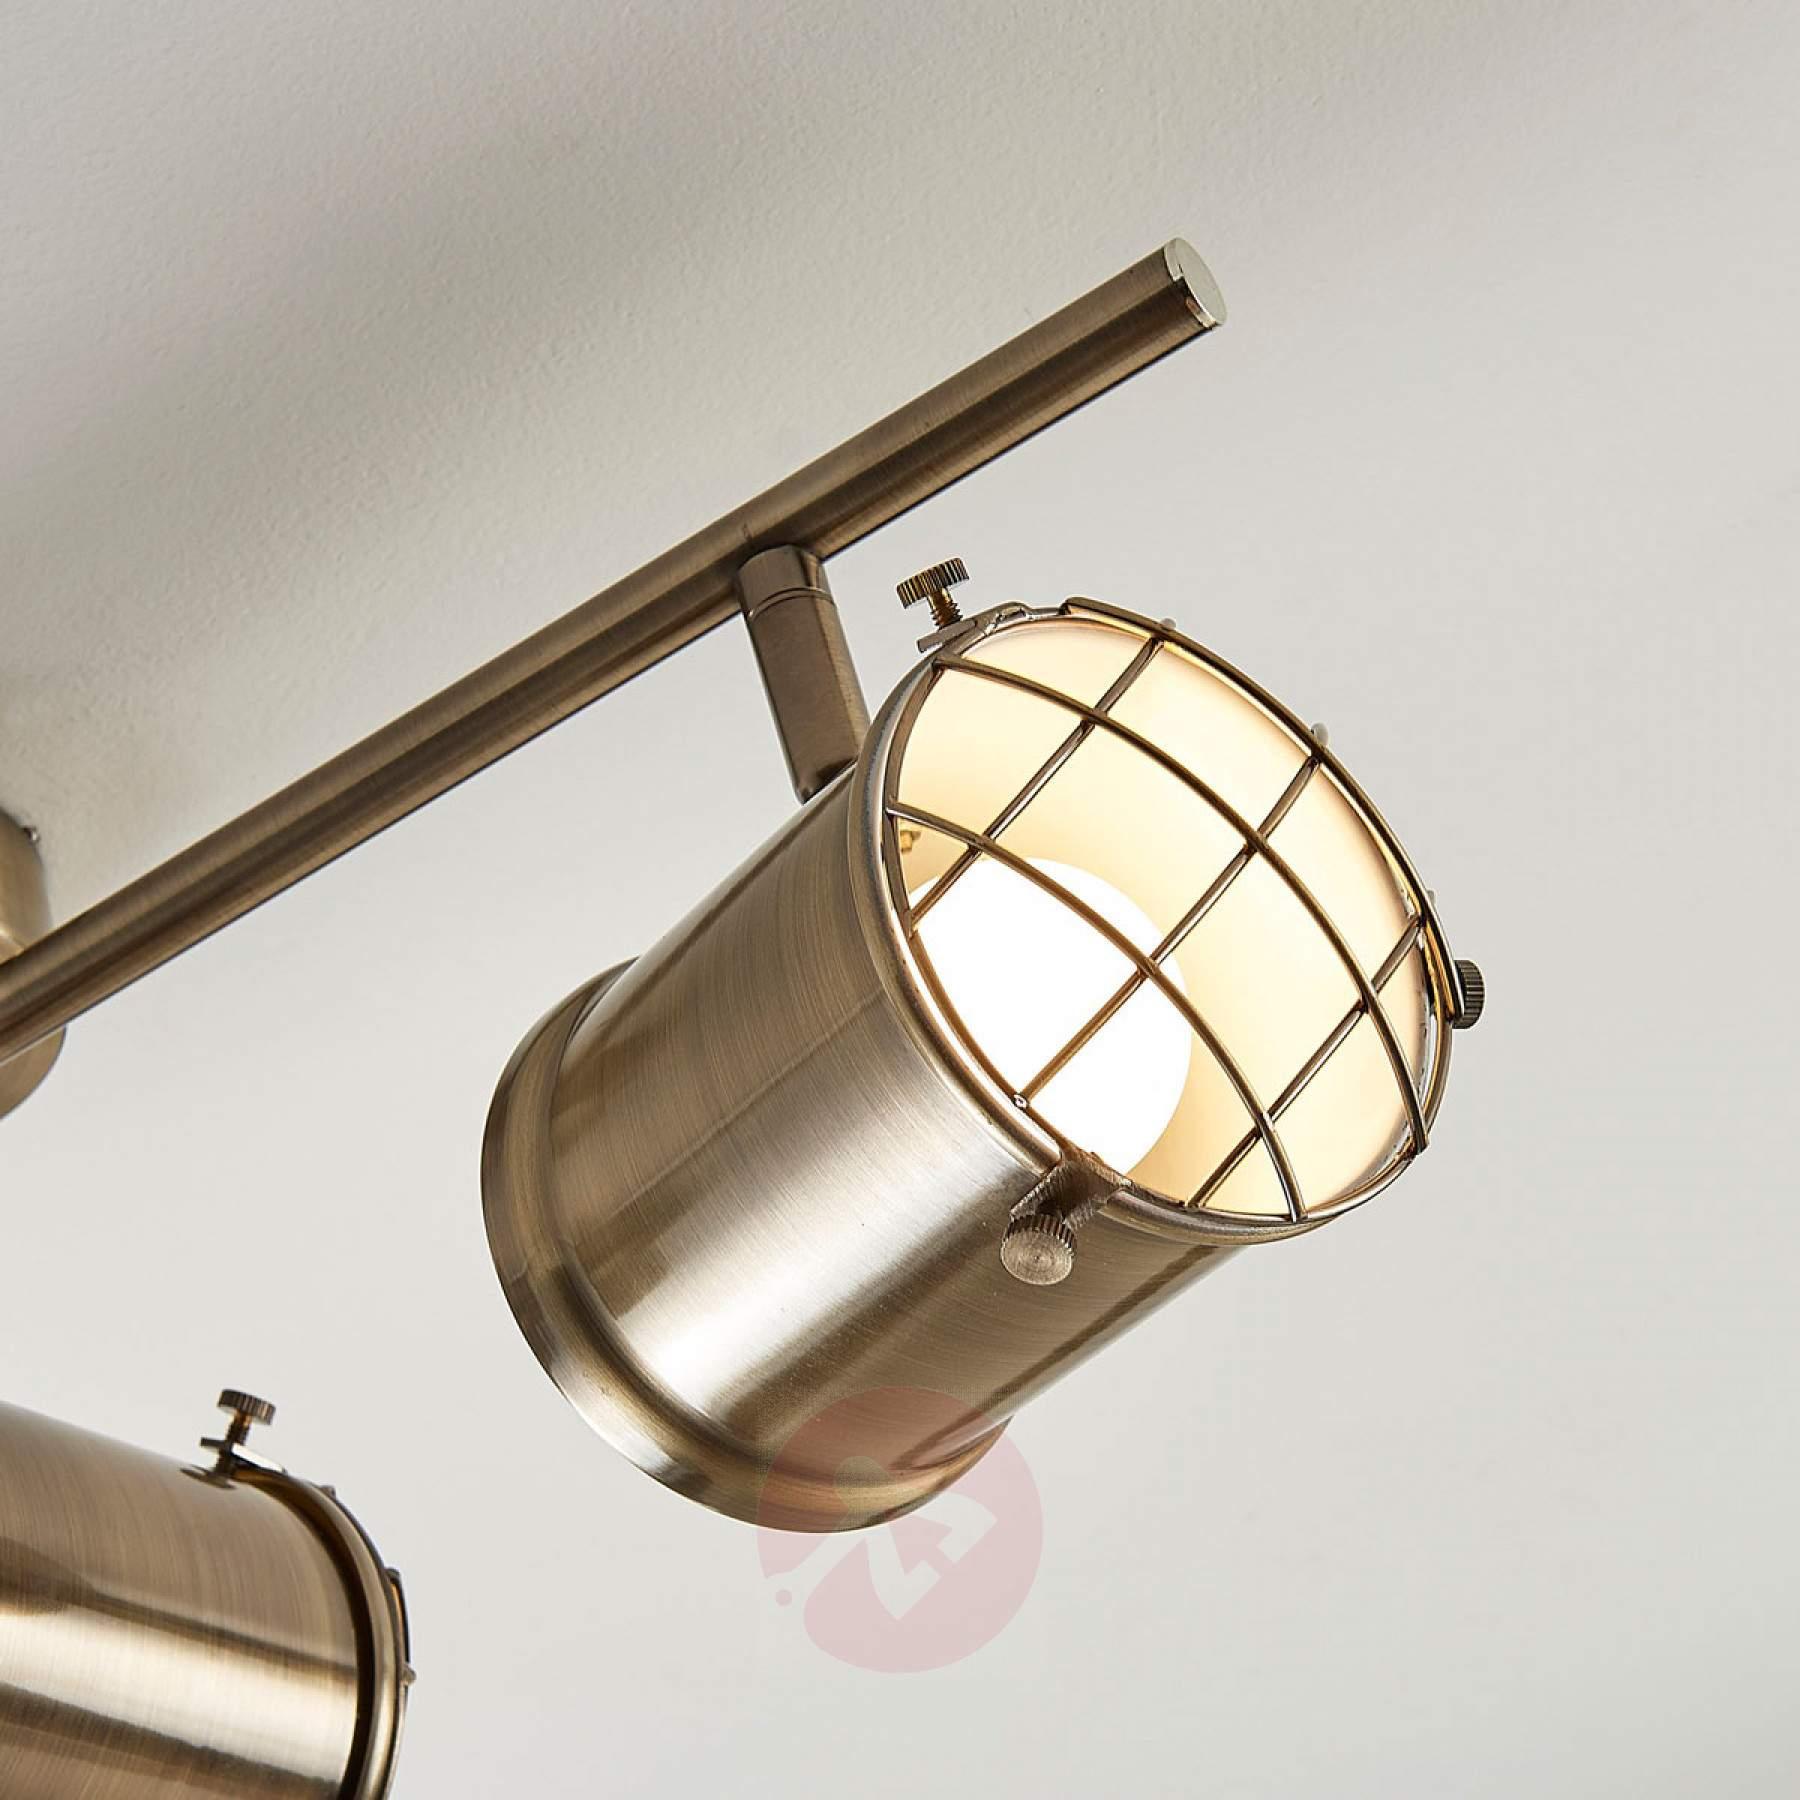 Full Size of Led Küchen Deckenleuchte Leuchten Leuchtmittel Bro Schreibwaren Sofa Grau Leder Küche Wohnzimmer Mit Bad Lampen Chesterfield Braun Panel Spiegelschrank Wohnzimmer Led Küchen Deckenleuchte